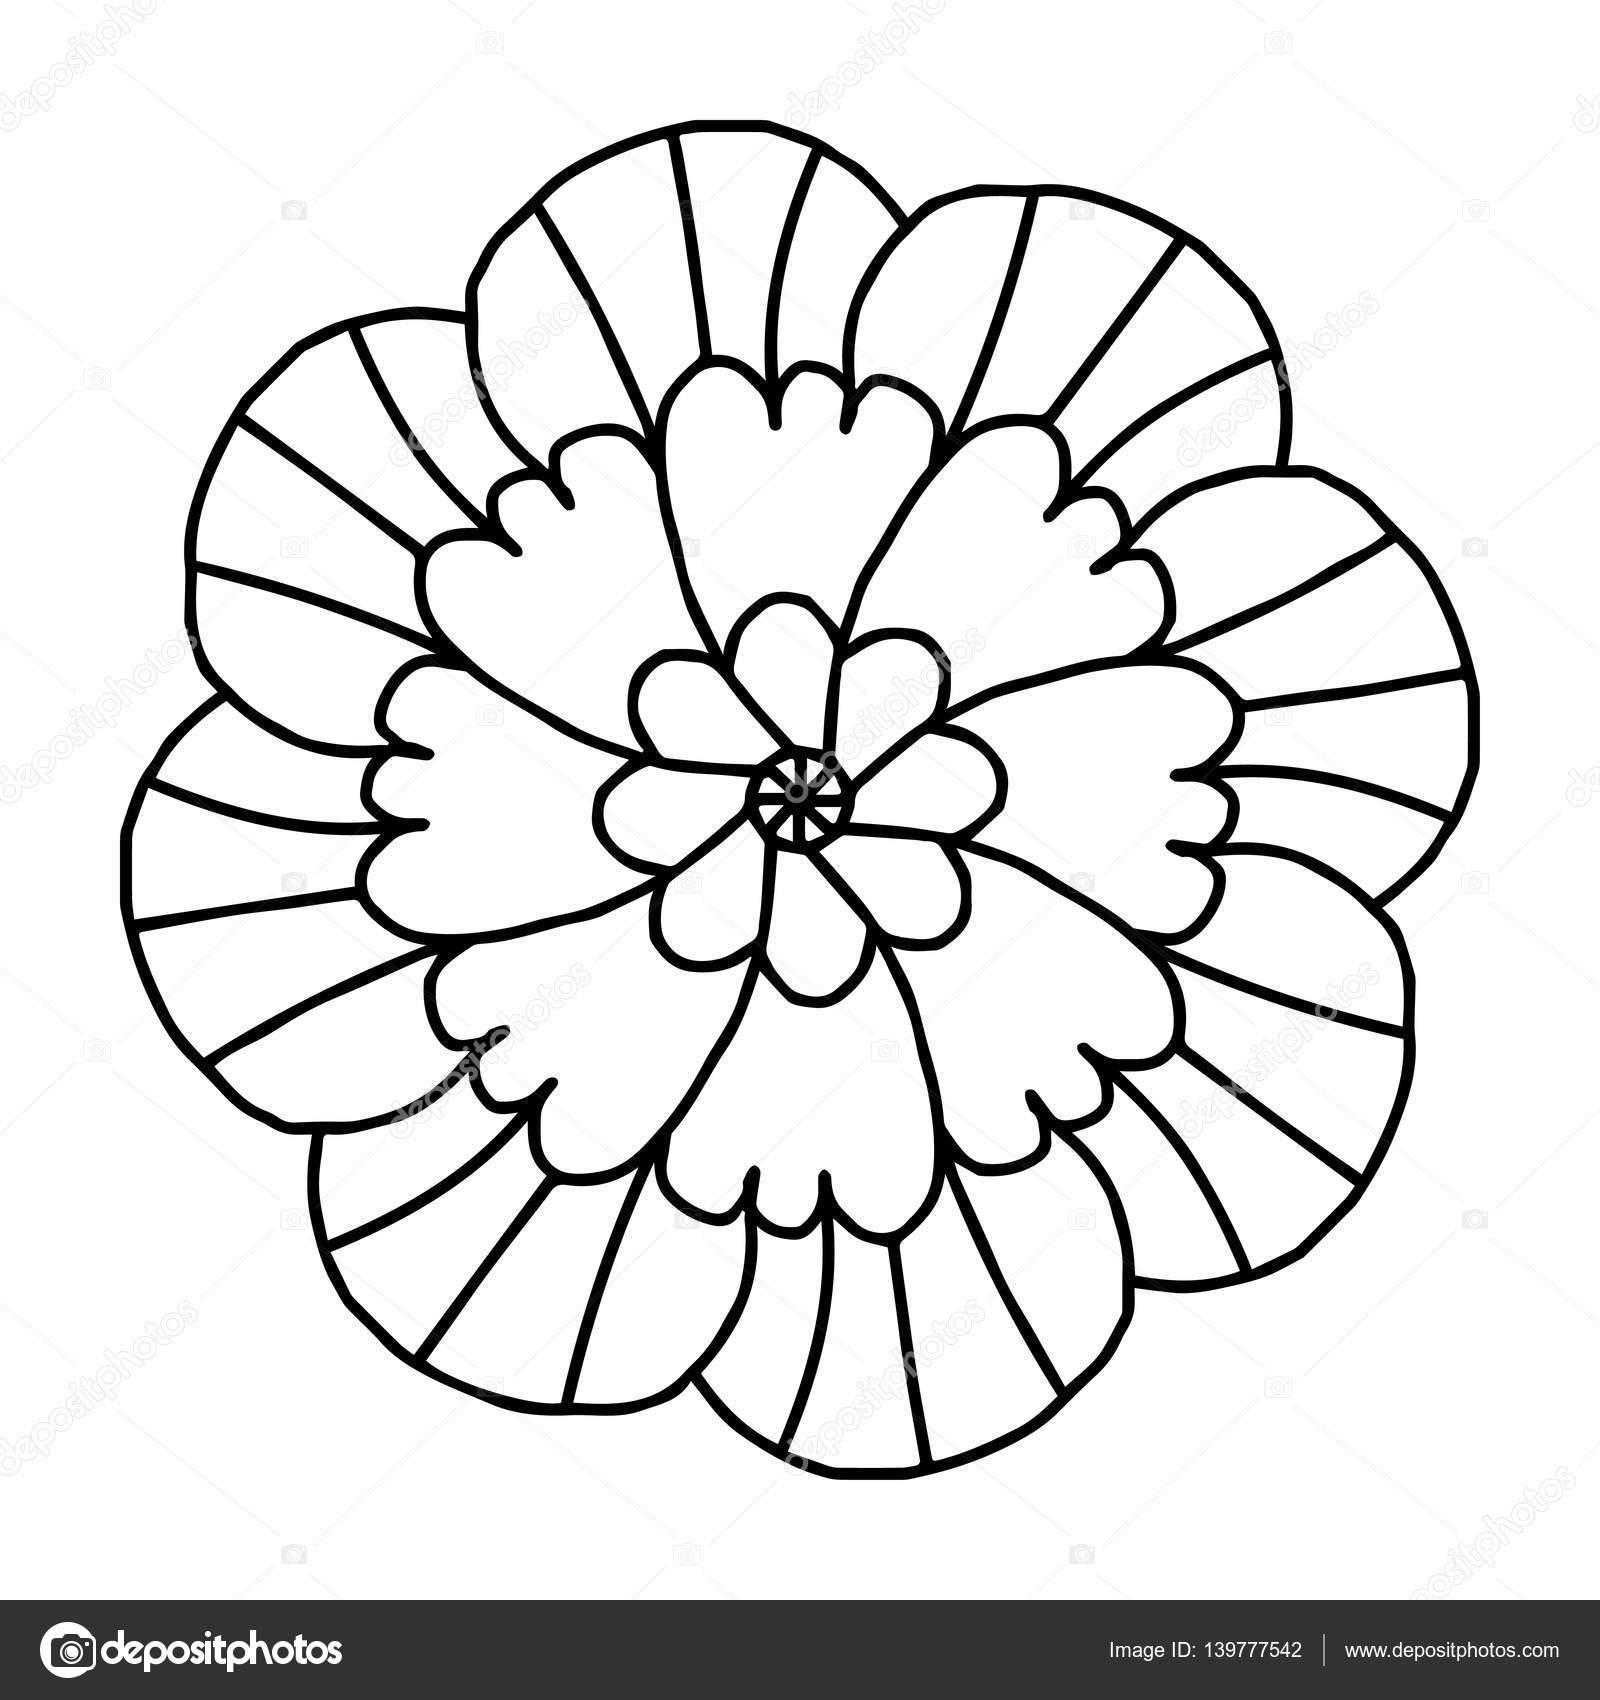 çiçek Boyama Kitapları Için Doodle Stok Vektör Helenf 139777542